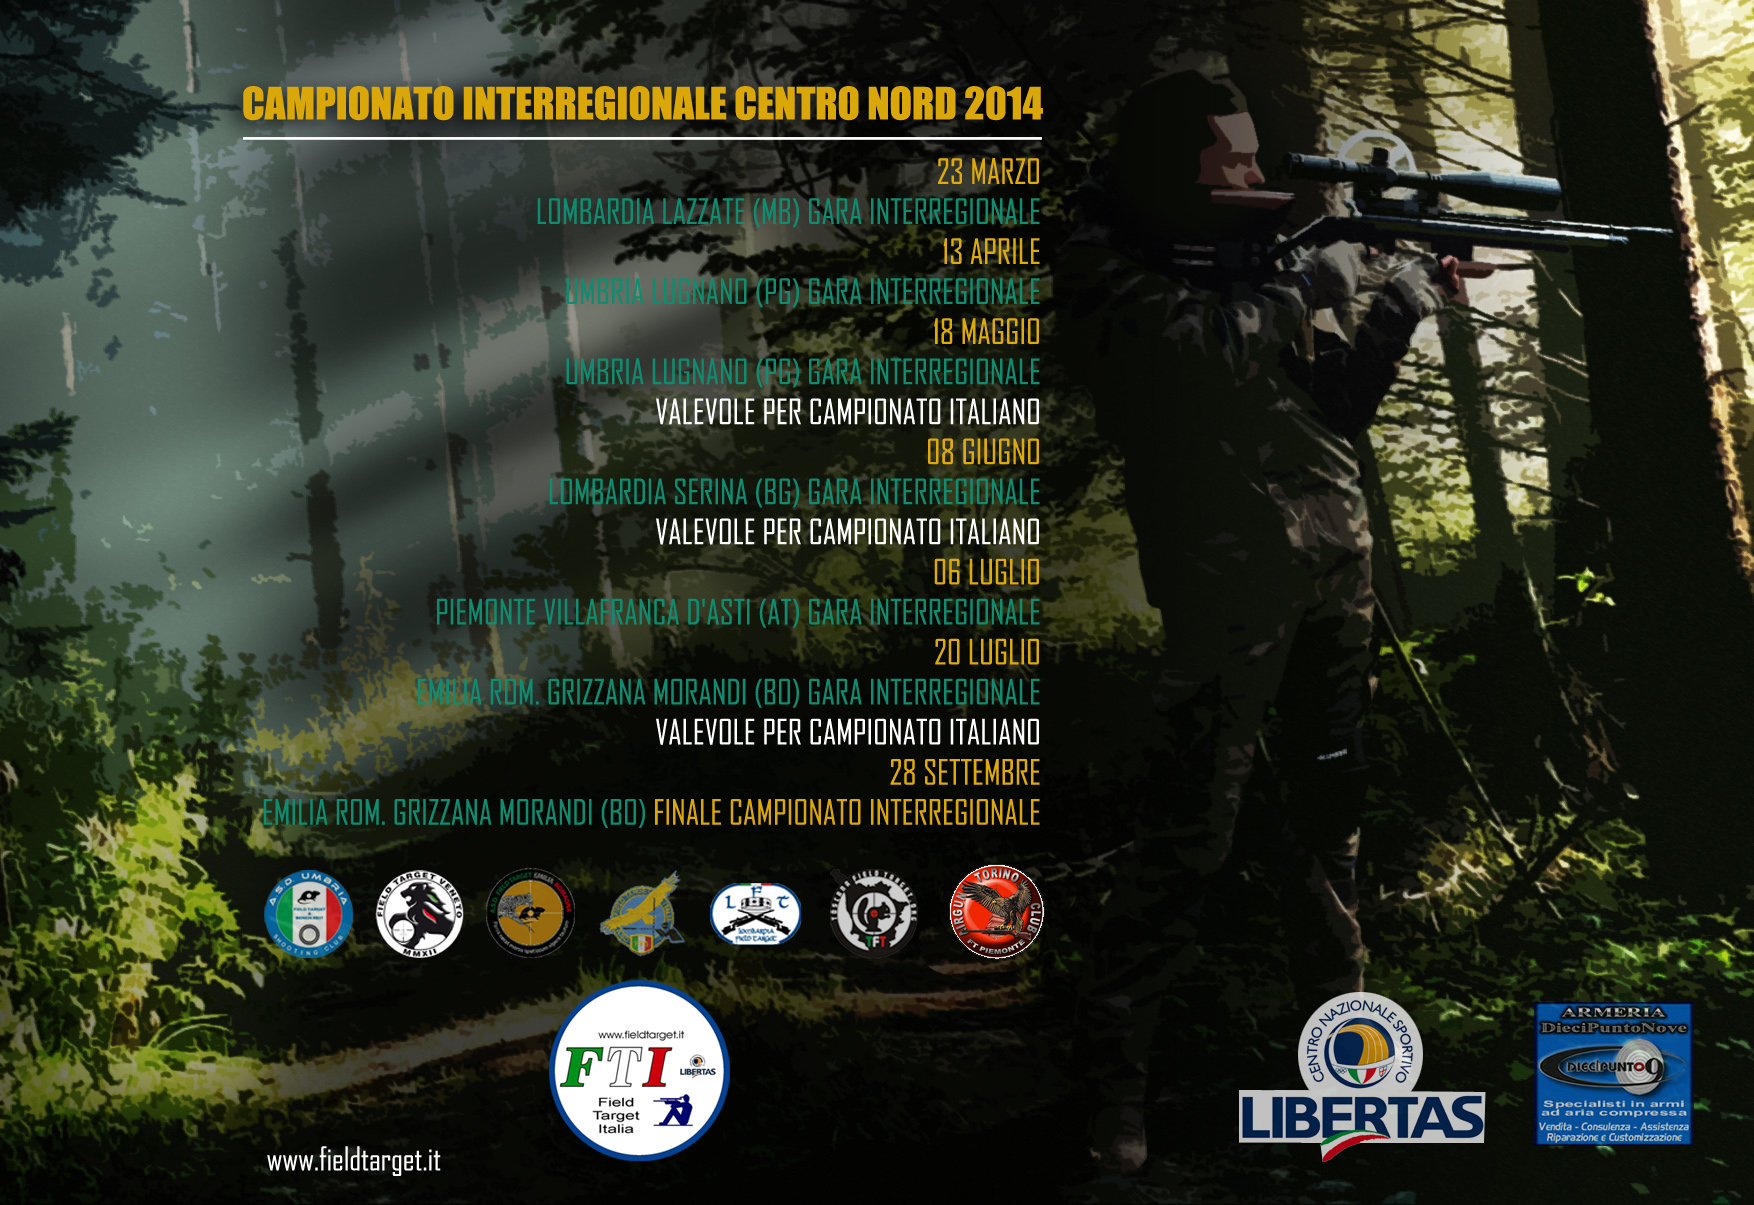 CAMPIONATO_INTERREGIONALE_centronord_2014